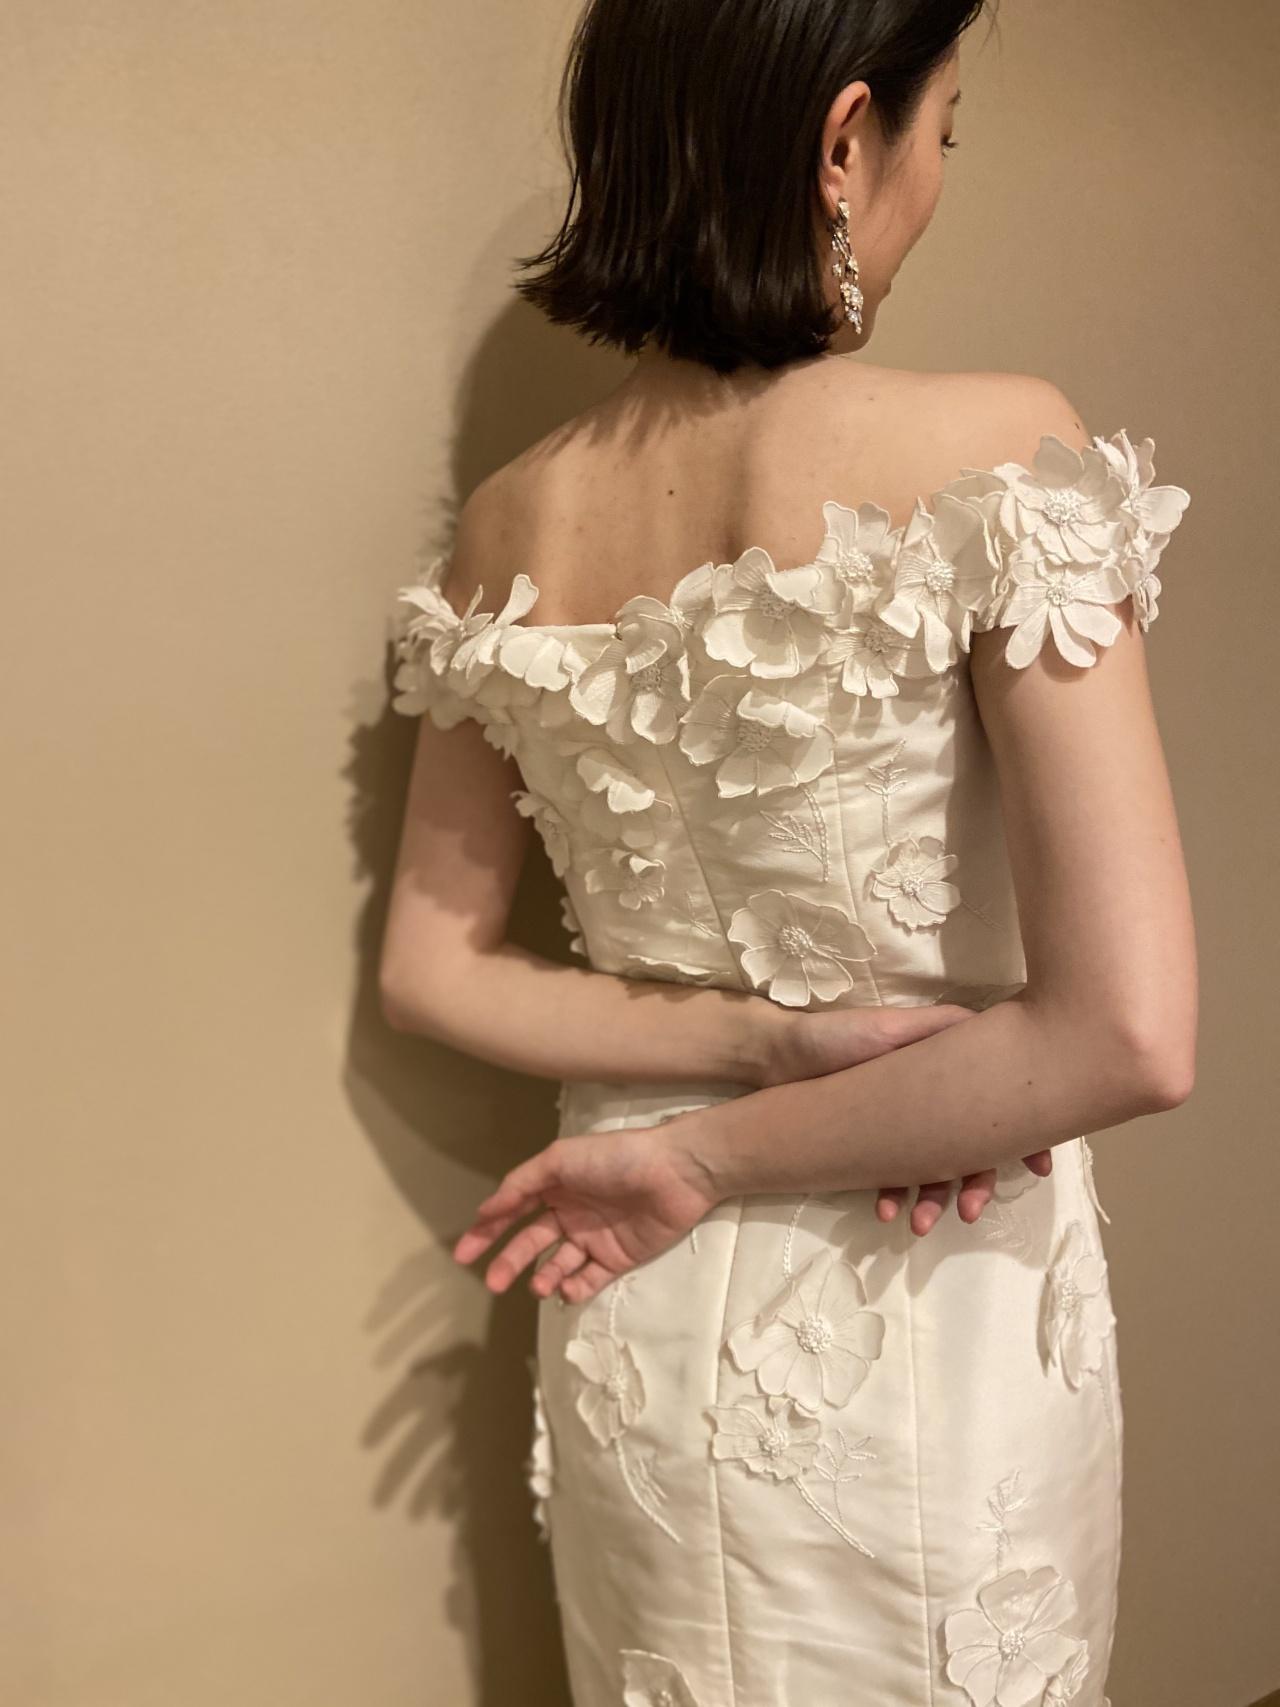 女性らしい繊細な3Dモチーフの刺繍が華やかなウェディングドレスは、ウィズザスタイルのナチュラルで温かみのある雰囲気にぴったり